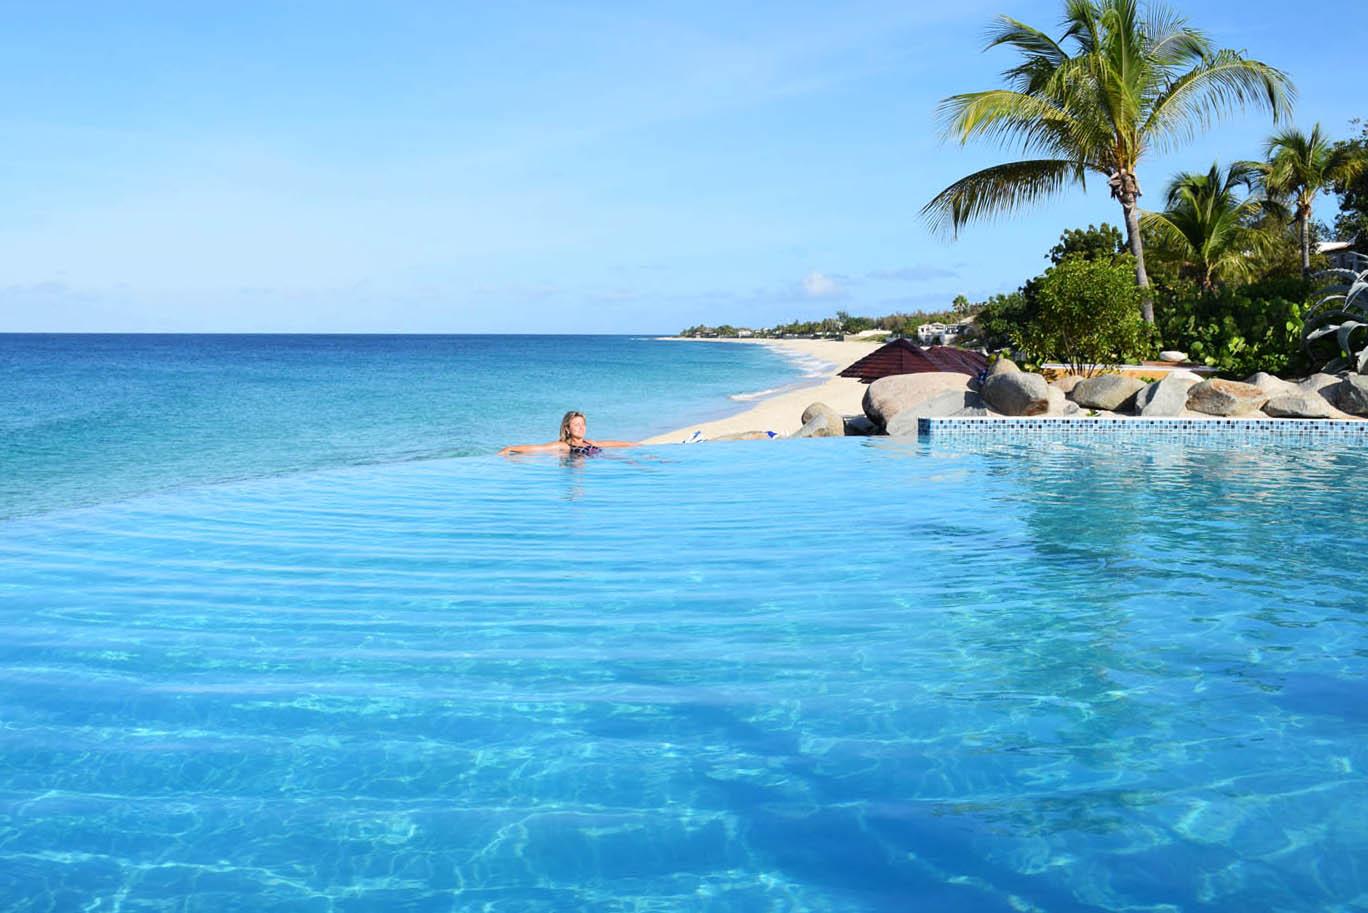 ... e a outra piscina, com borda infinita! Hotel Belmond La Samanna - St. Martin